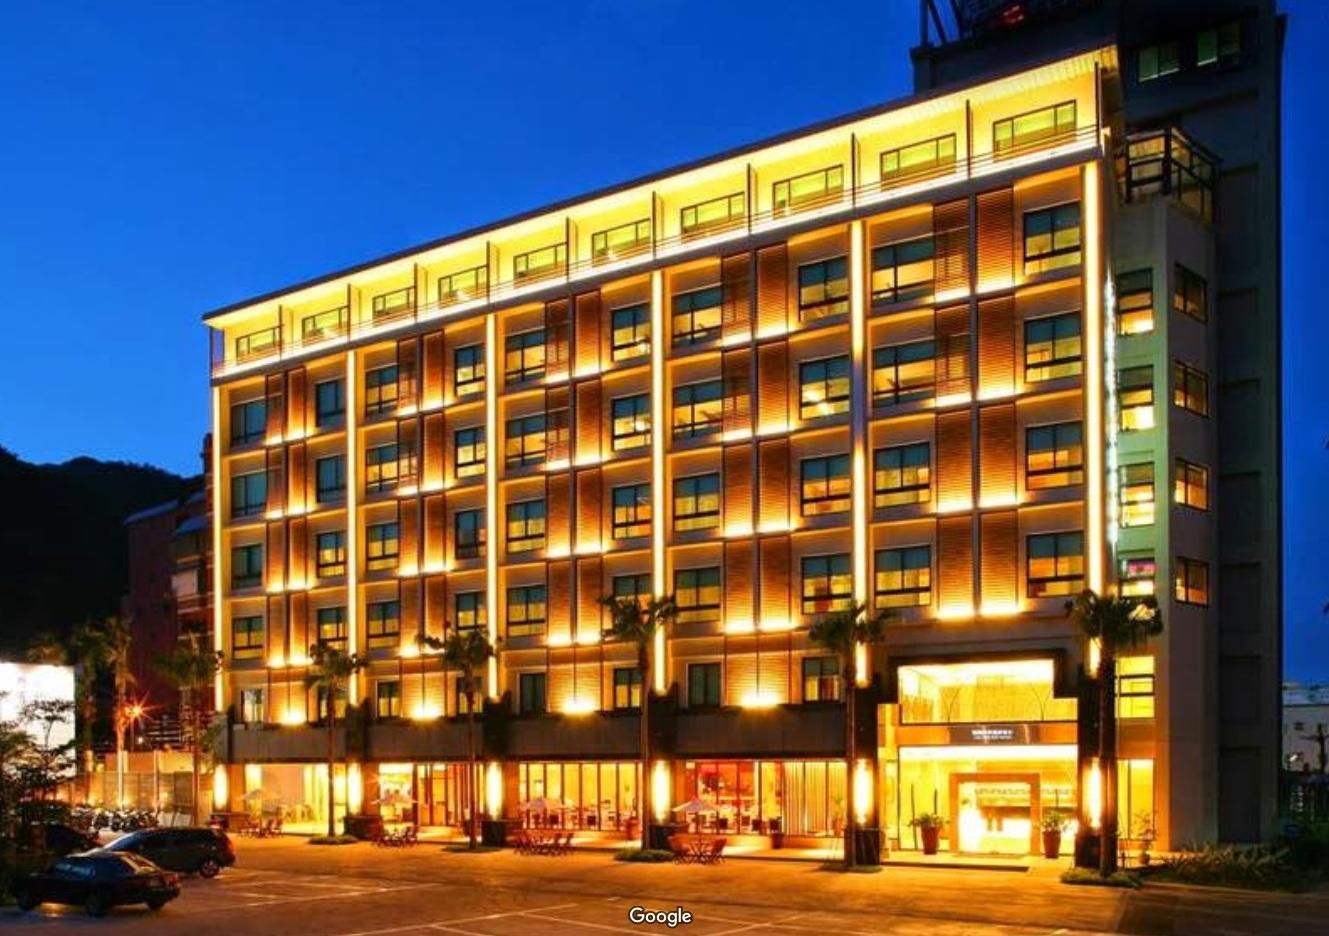 Guan Xiang Century - Hotspring Hotel (4 Star) - Xi-Yan Room